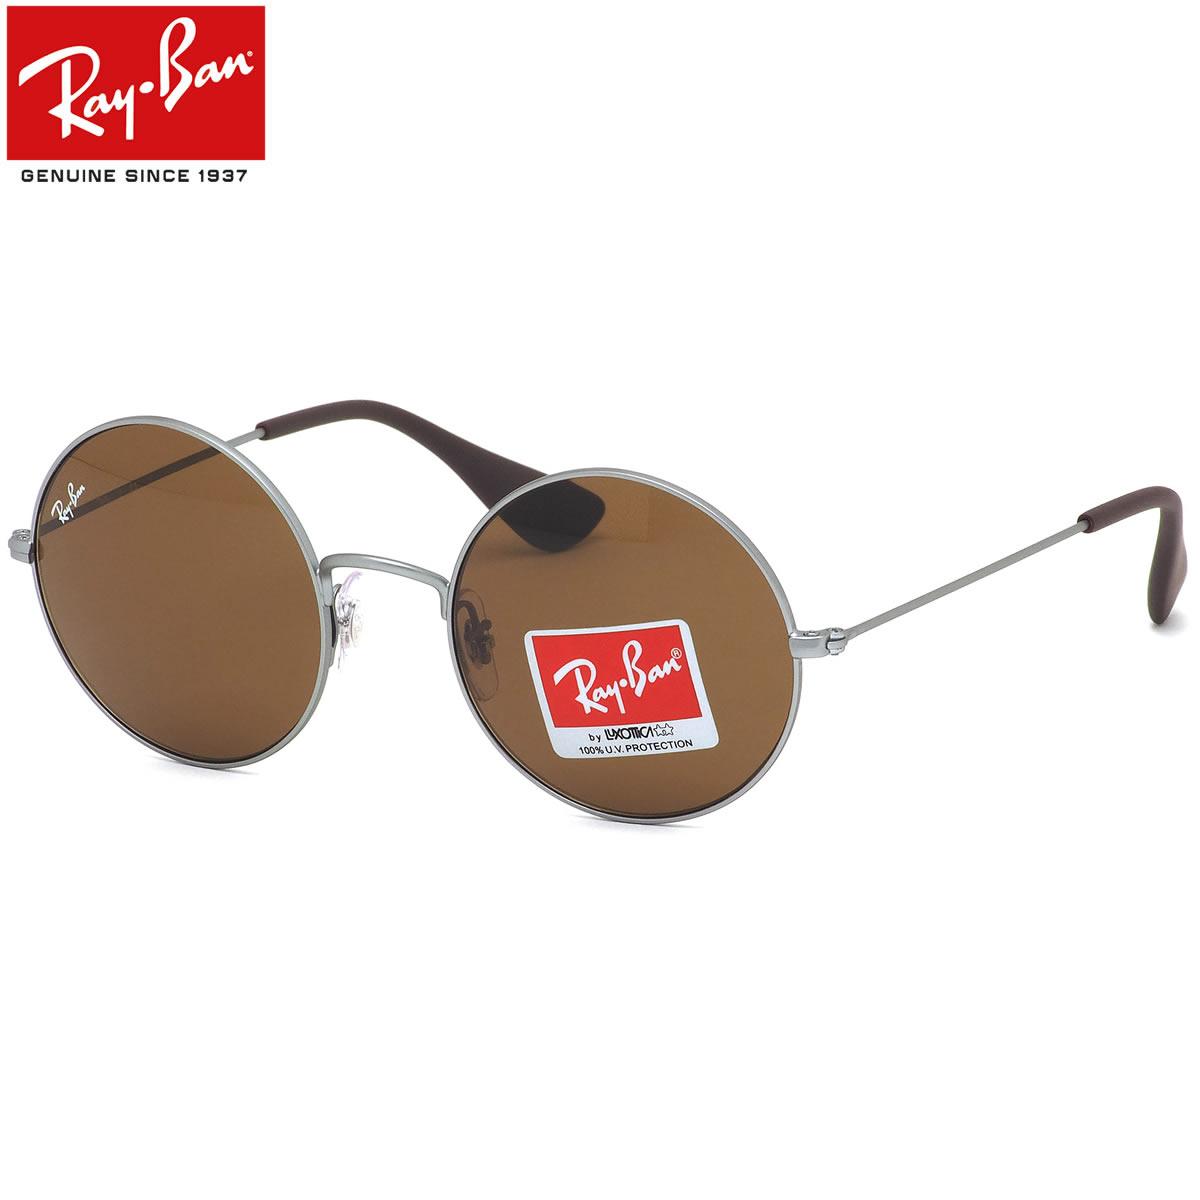 レイバン サングラス Ray-Ban RB3592 901573 50サイズ 55サイズ JA-JO ジャジョ ジャッジョ Ja Jo レディースモデル RayBan レトロ 大きい ジャニス ジョプリン Janis Joplin 60s 1960 ガンメタル B-15